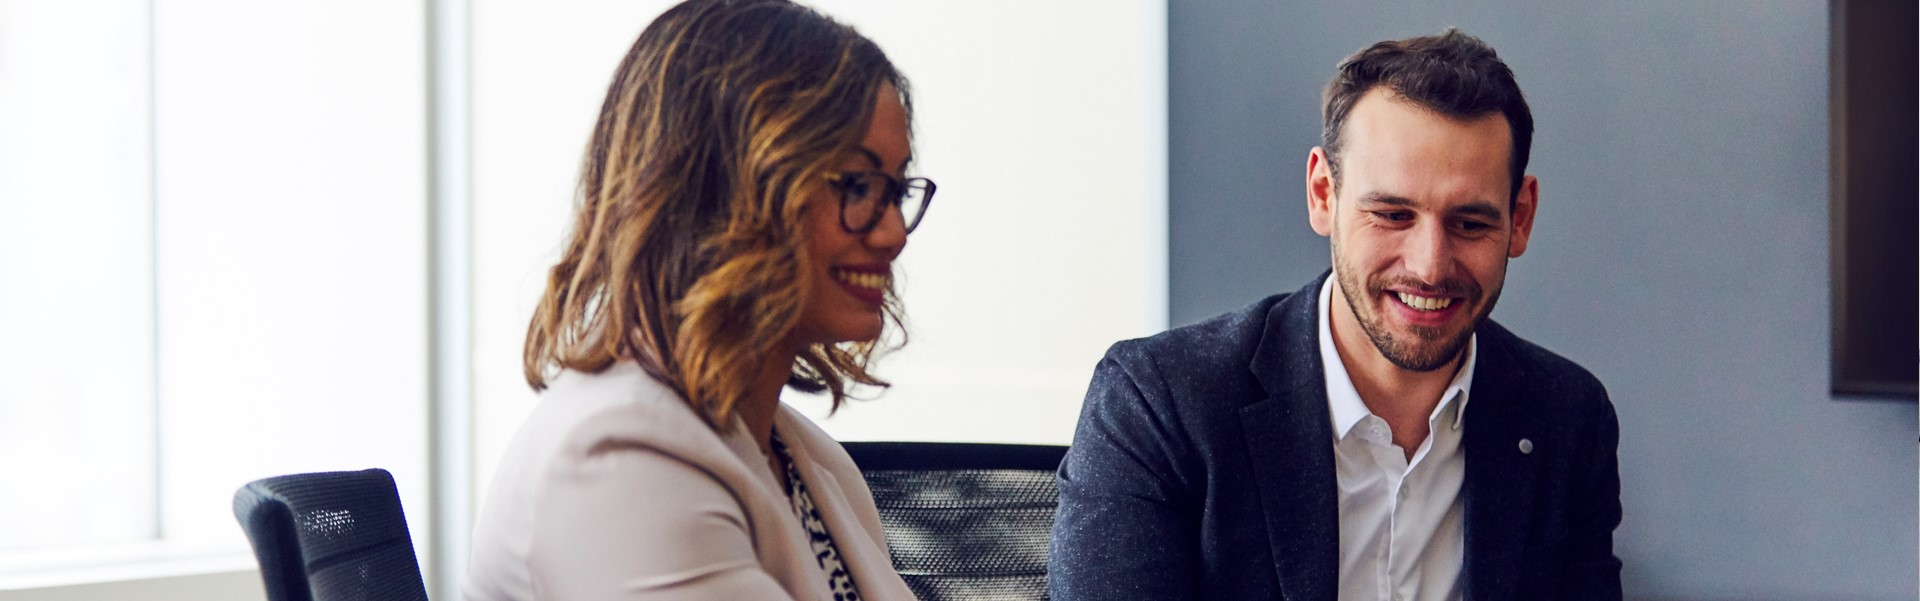 Deux employés qui discutent lors d'une réunion.